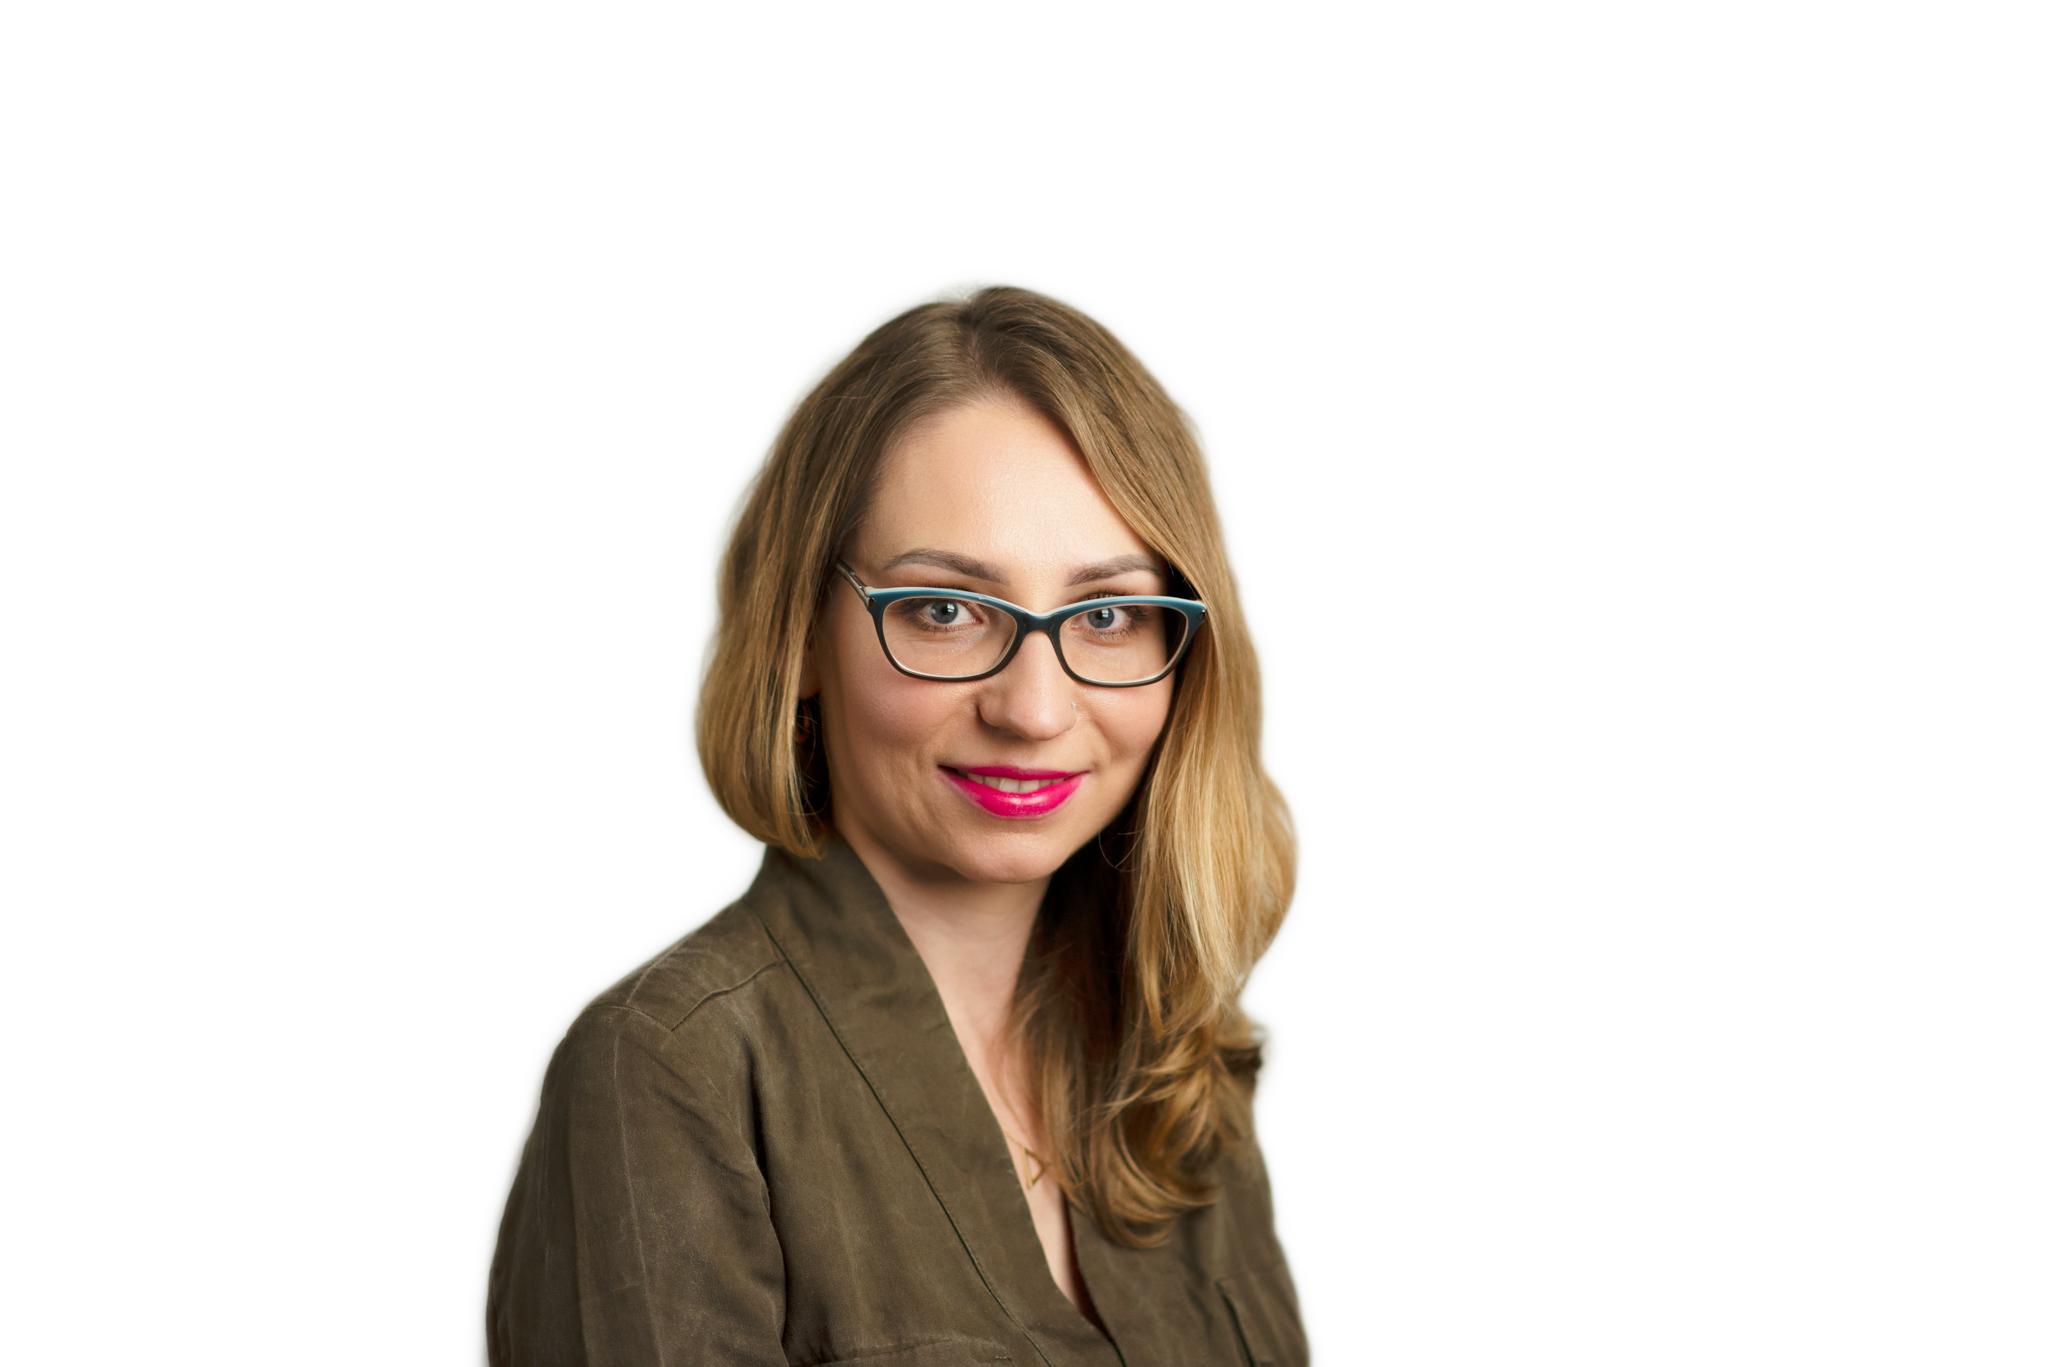 Monika Rakowicz